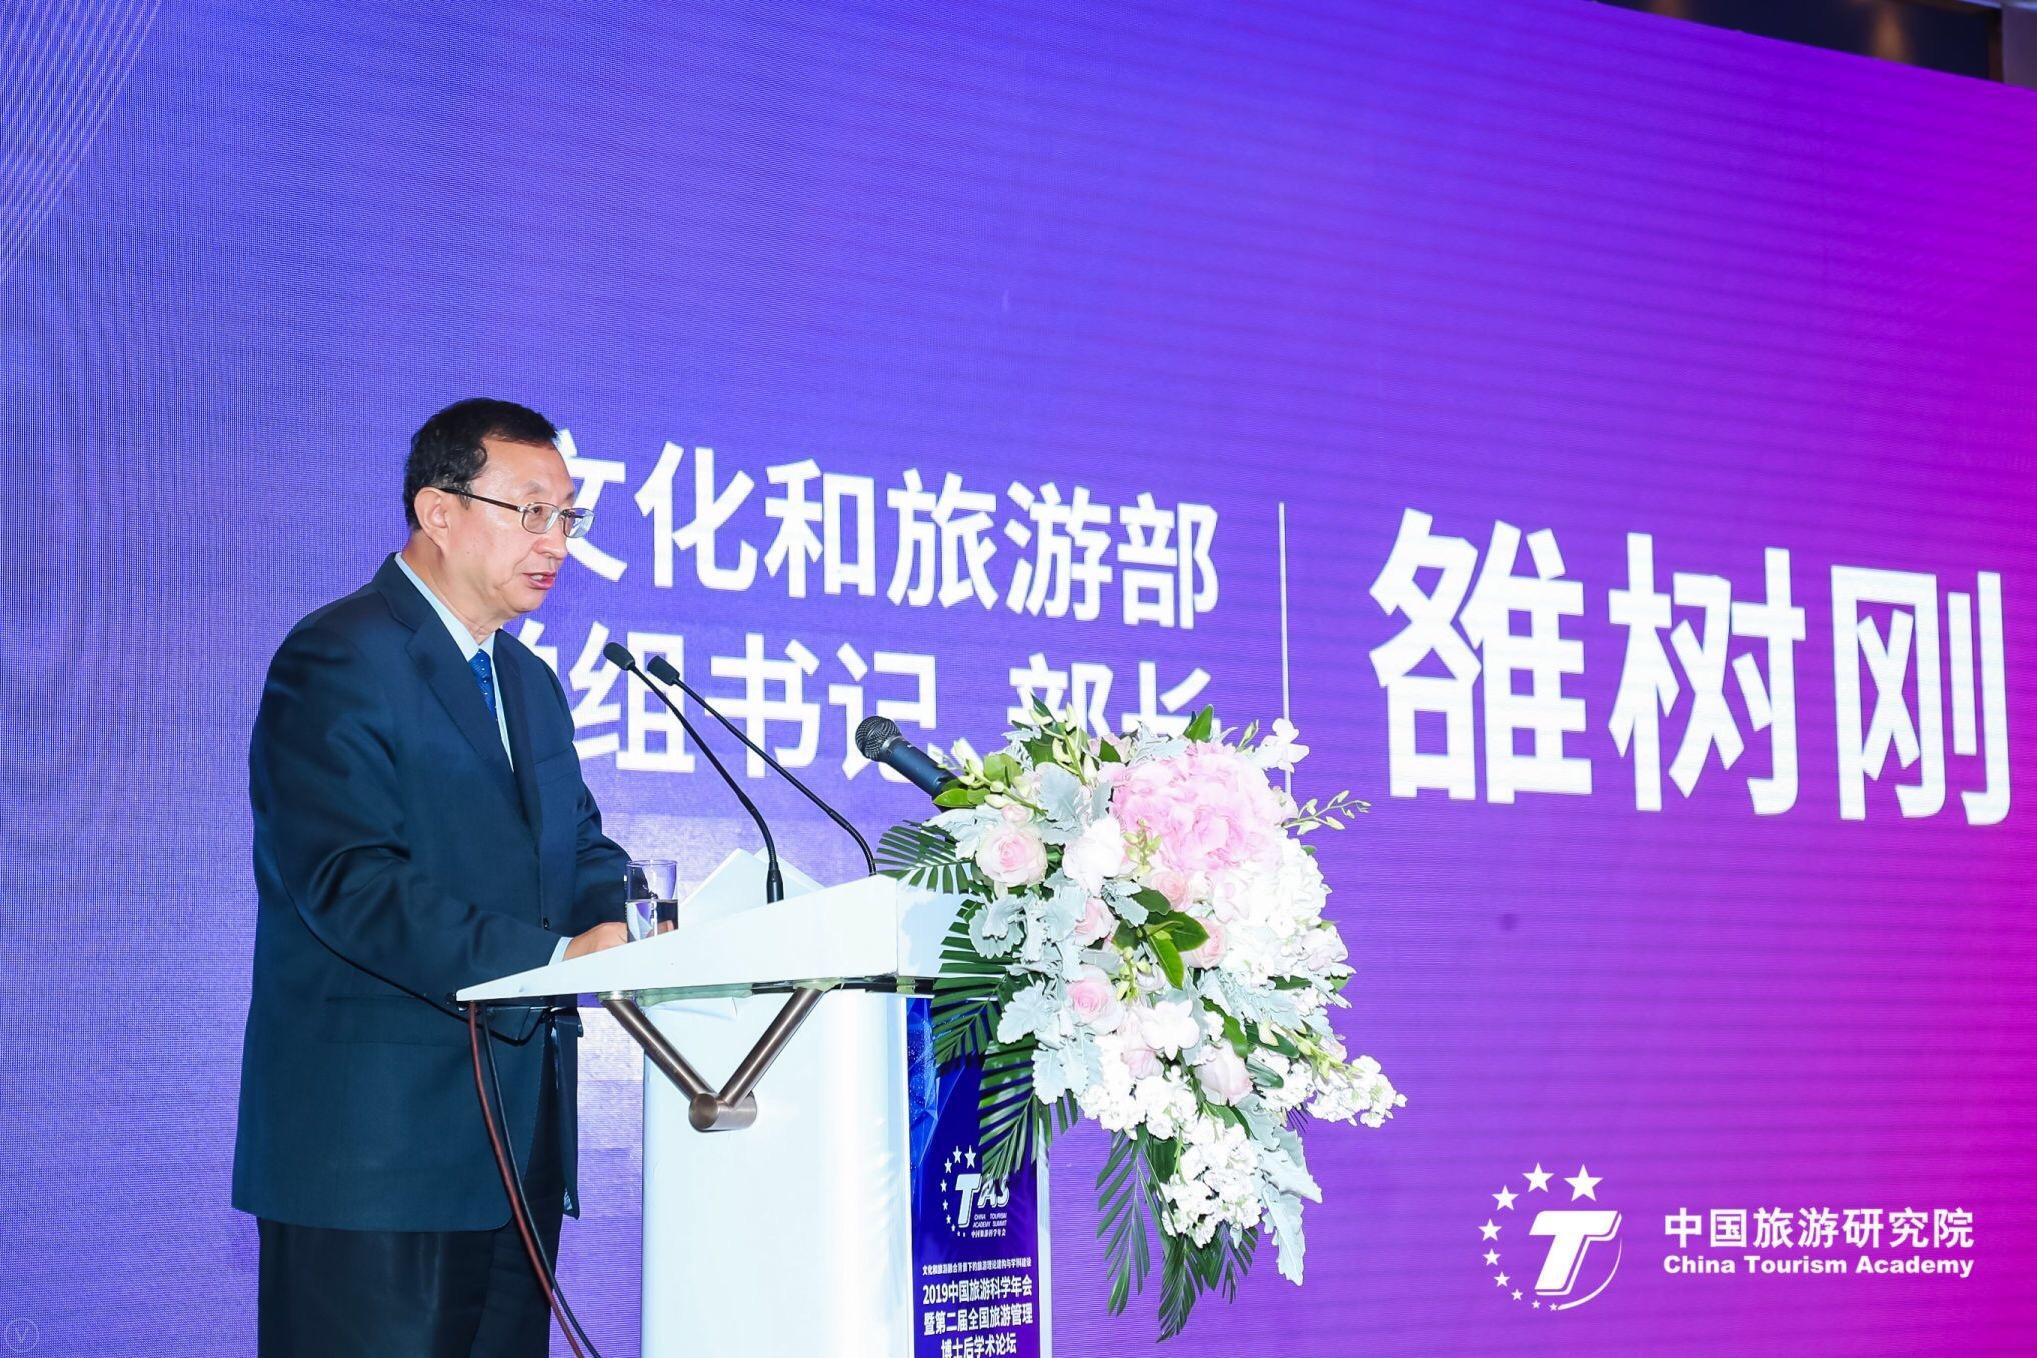 雒樹剛:中國為世界旅遊發展貢獻智慧